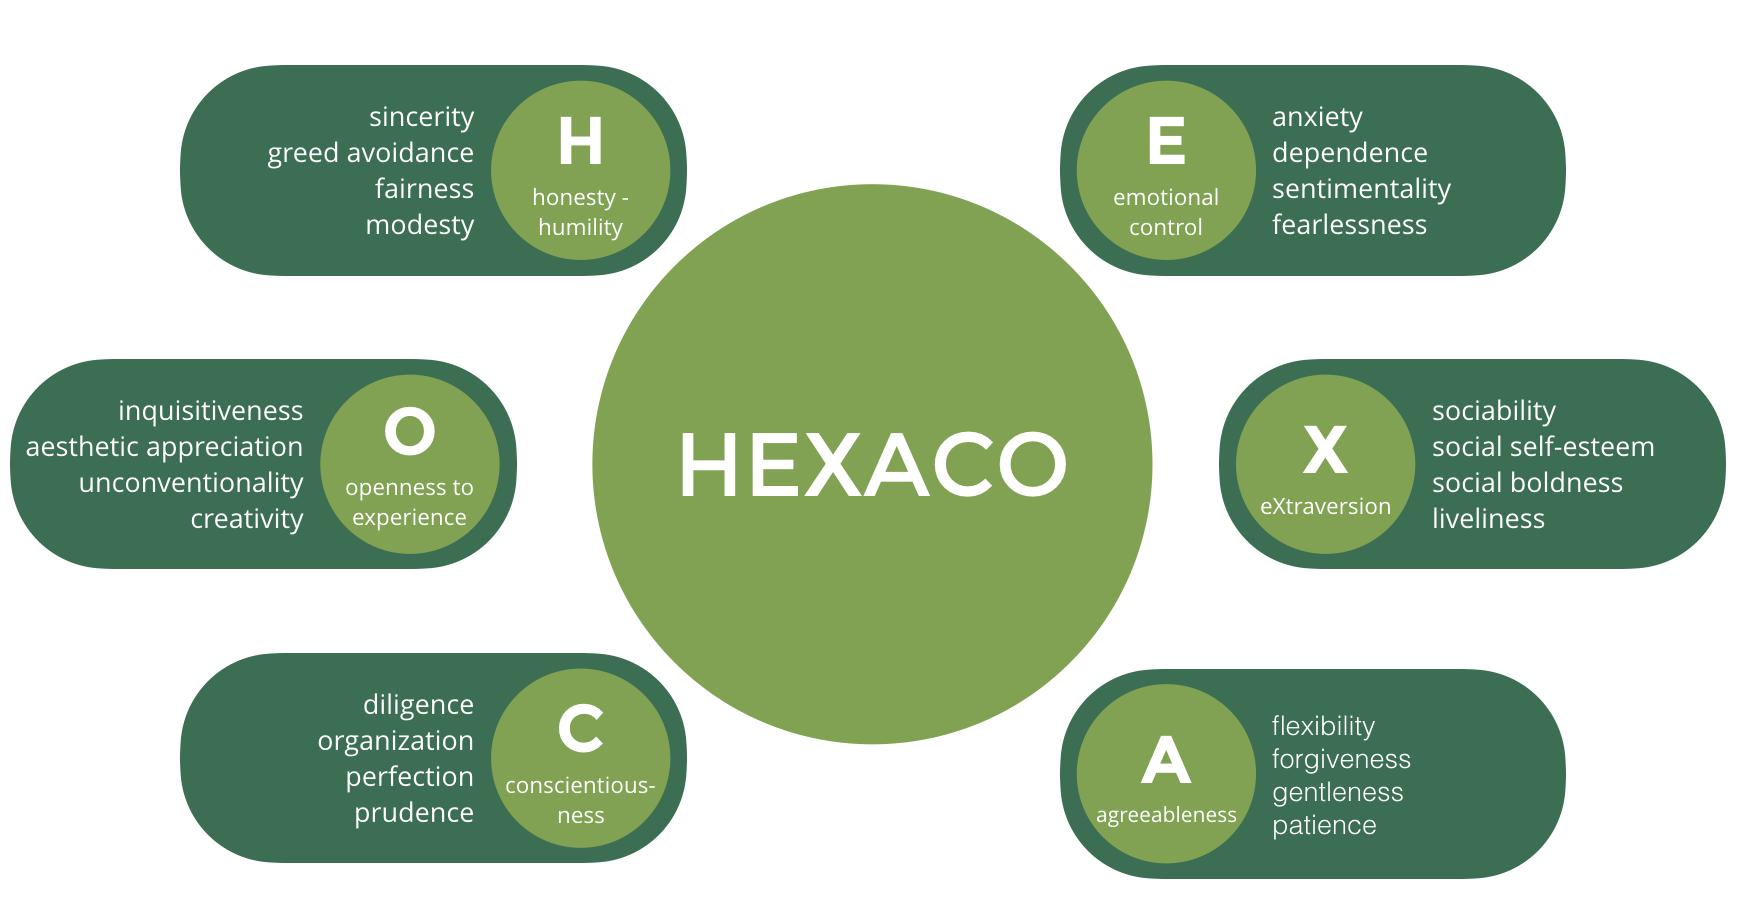 HEXACO